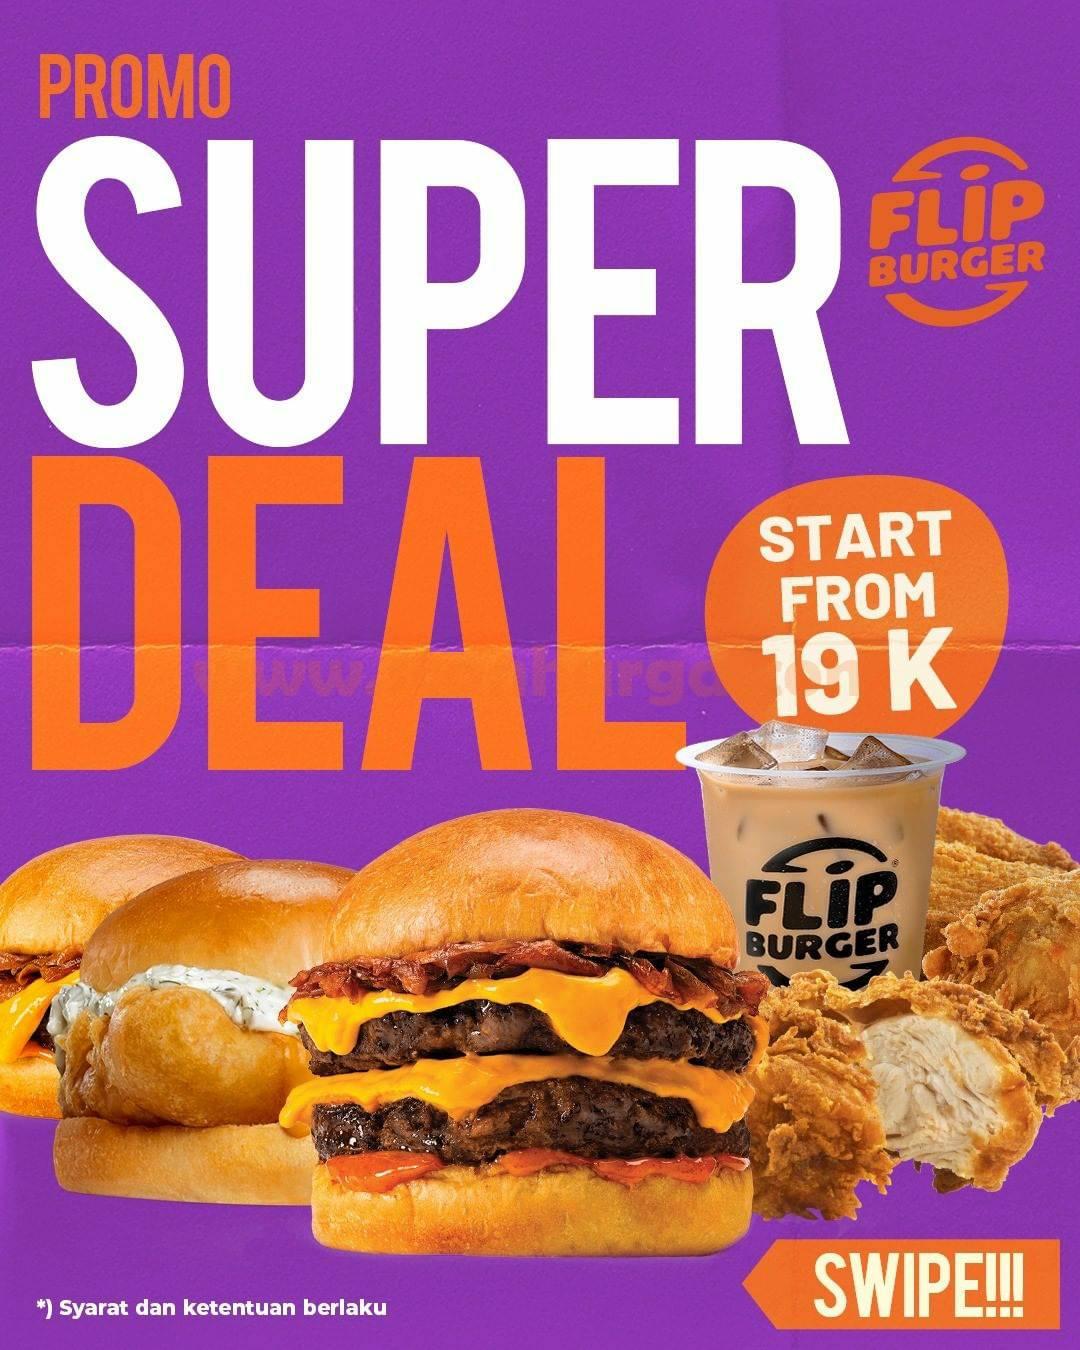 Promo Flip Burger Super Deal harga mulai Rp 19.000